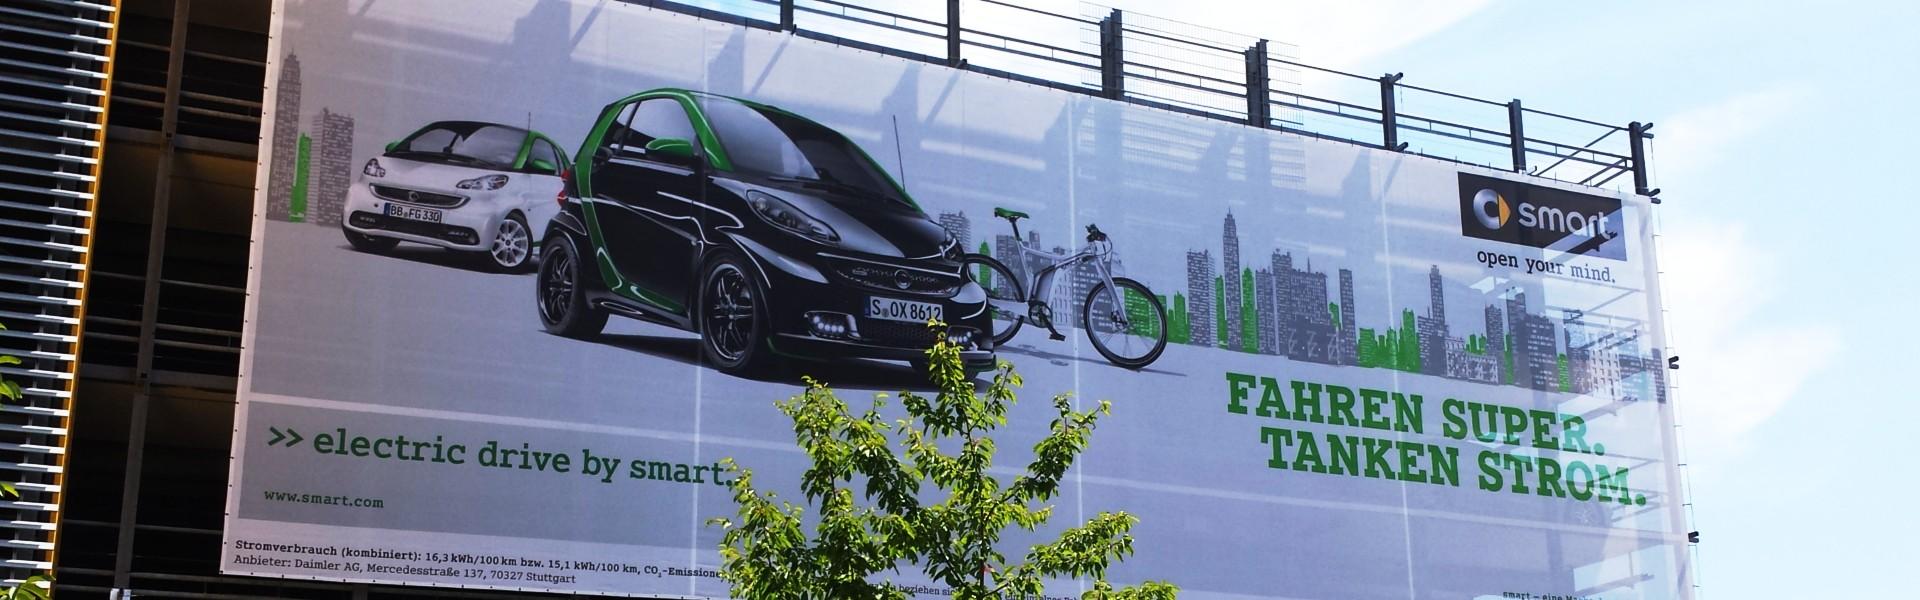 Banner Drucken: SMS Werbetechnik druckt Banner auf PVC Planen, Mesh und Textilbanner